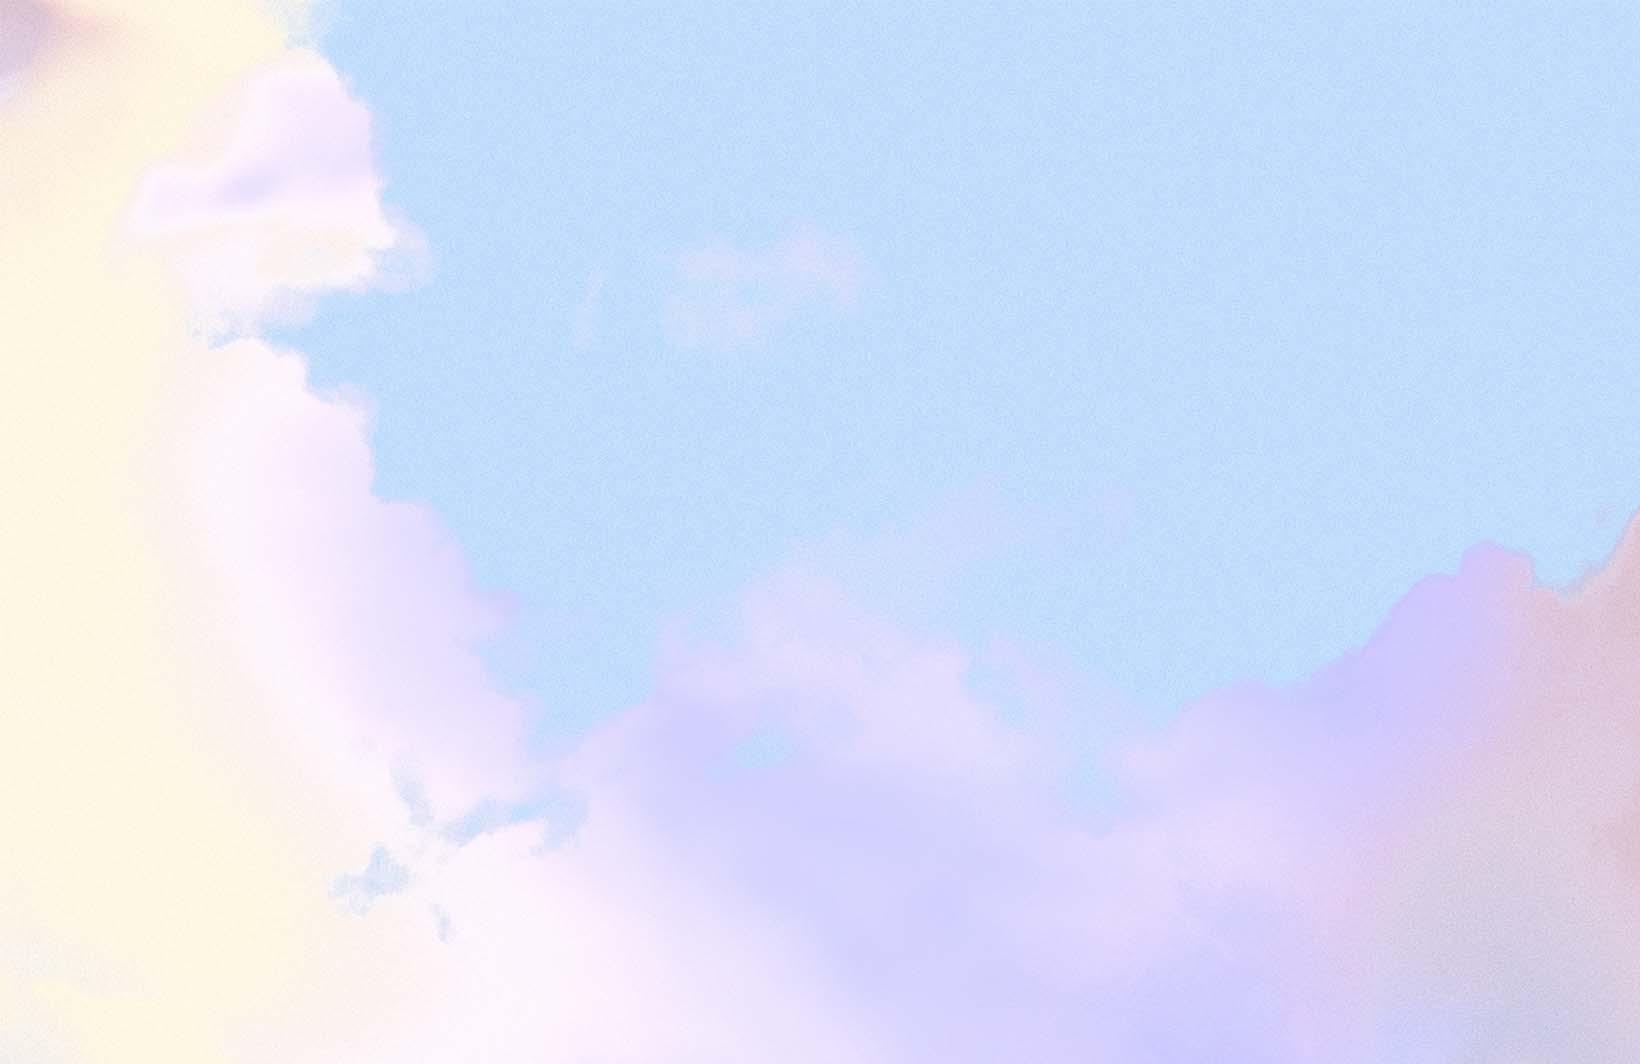 Воздушные фото с загадочным небом Узоры на Стене